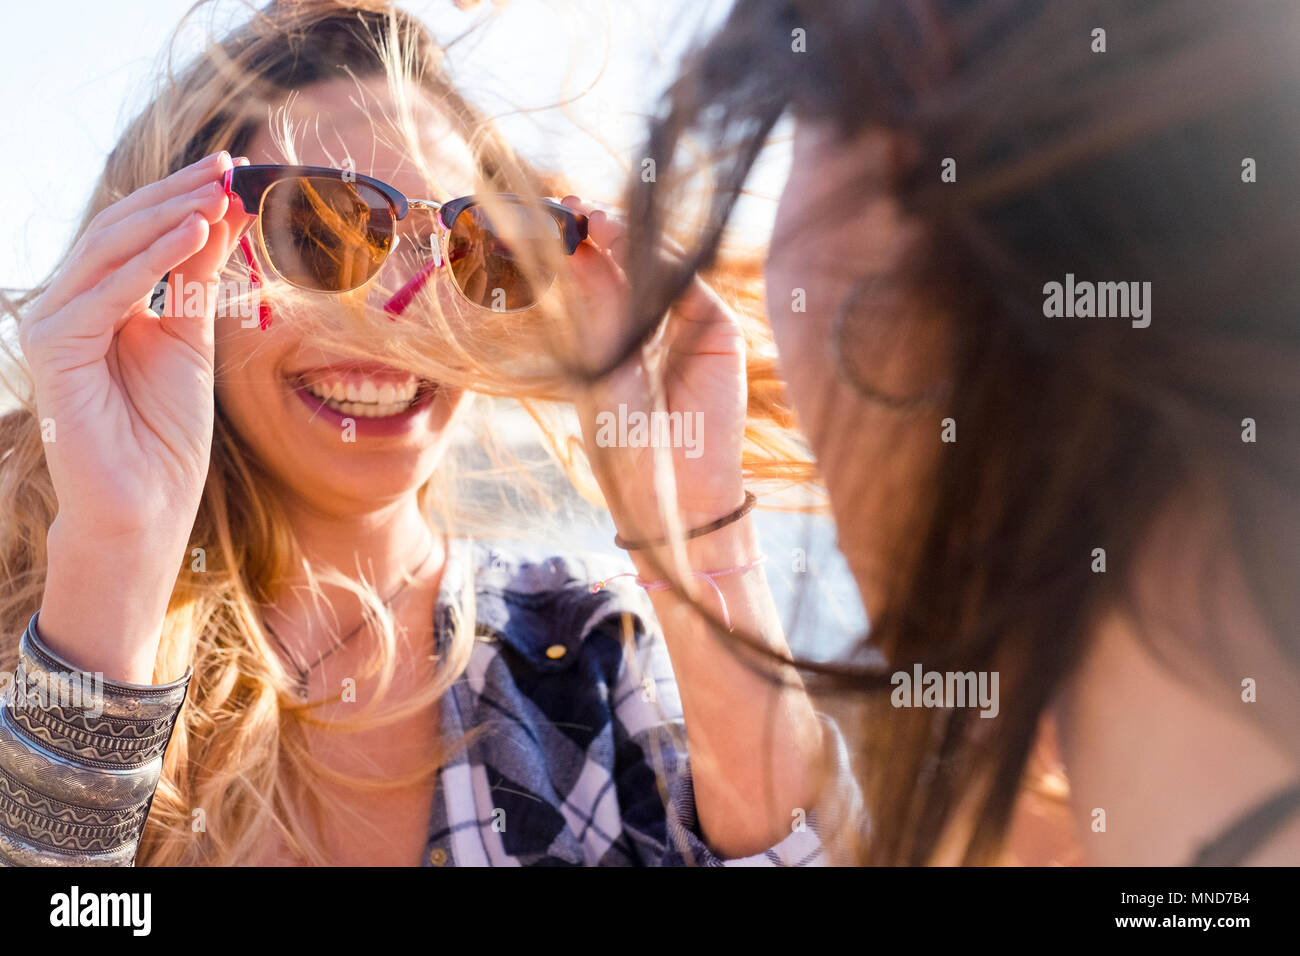 Due giovani bella donna di guardare se stessi con un massimo di occhiali da vista in una giornata di sole. Bel sorriso visto dal retro di una donna. L'amicizia tra i due spagnoli Immagini Stock